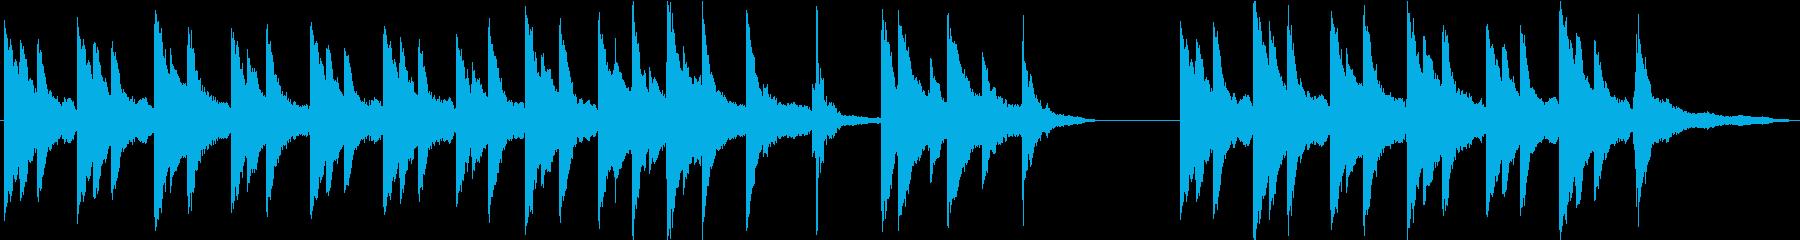 【劇伴】サスペンス_ミステリー_ピアノの再生済みの波形